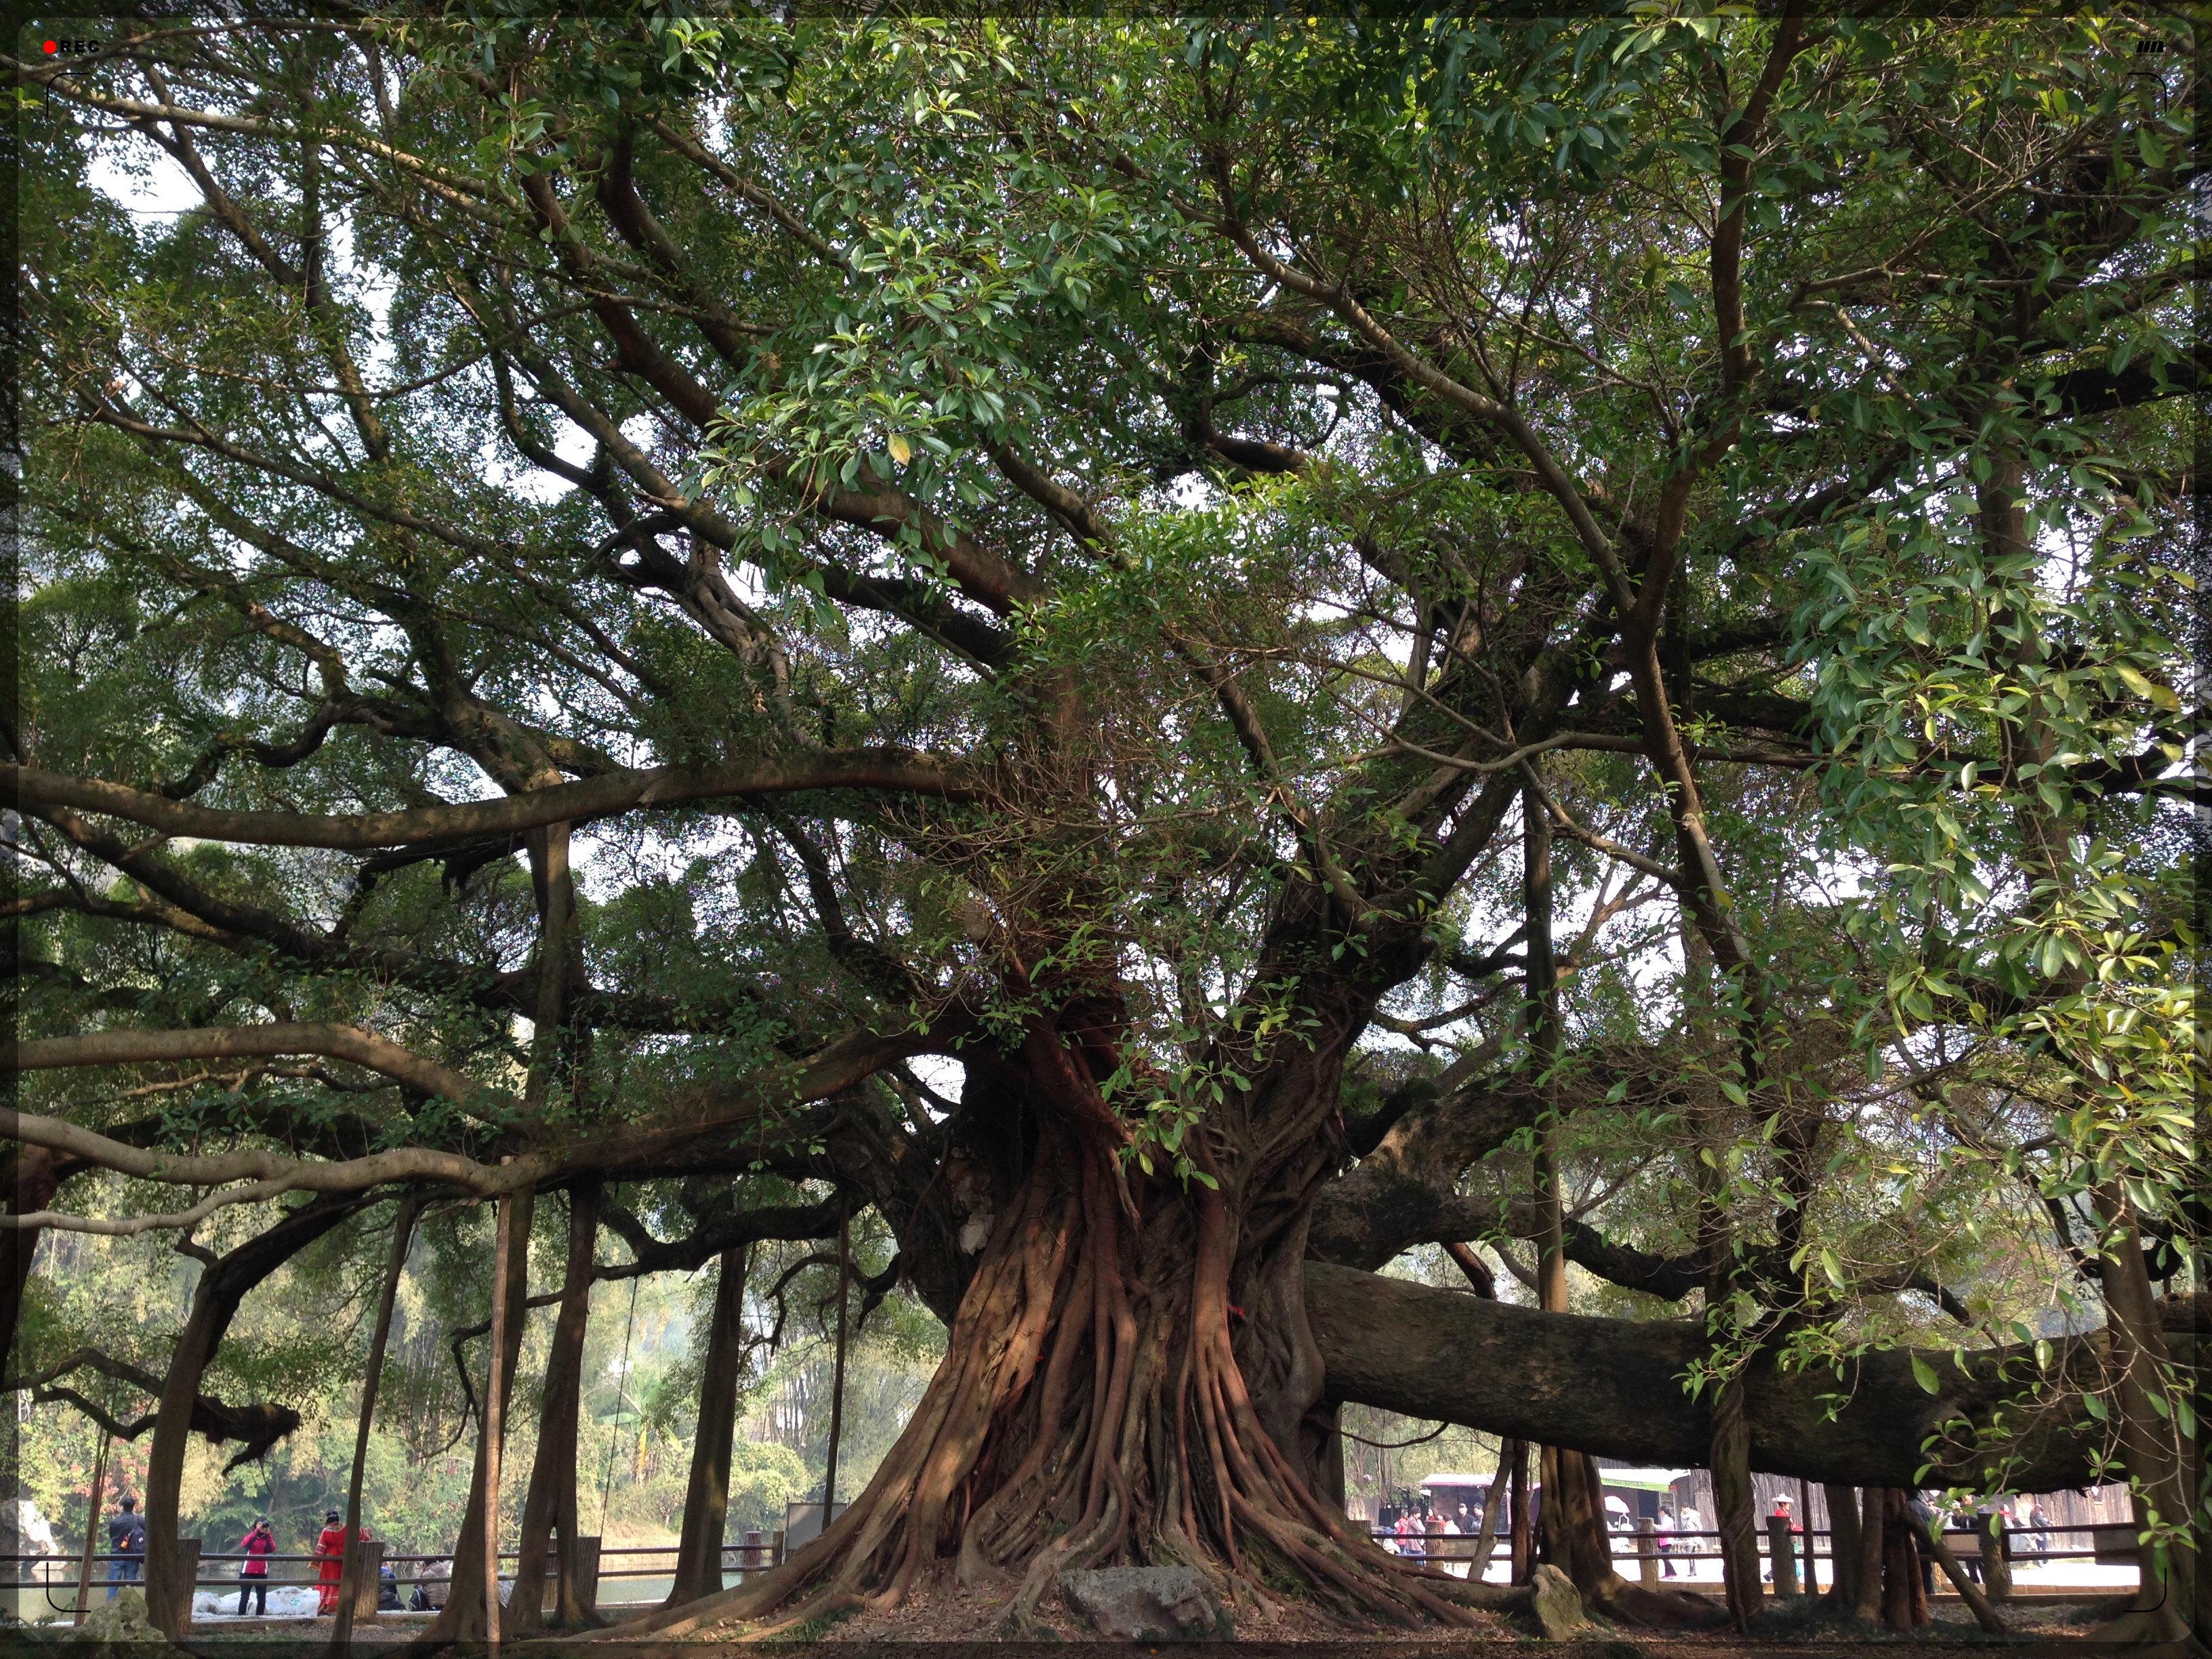 古榕树图片_古榕树下的青葱_古榕树